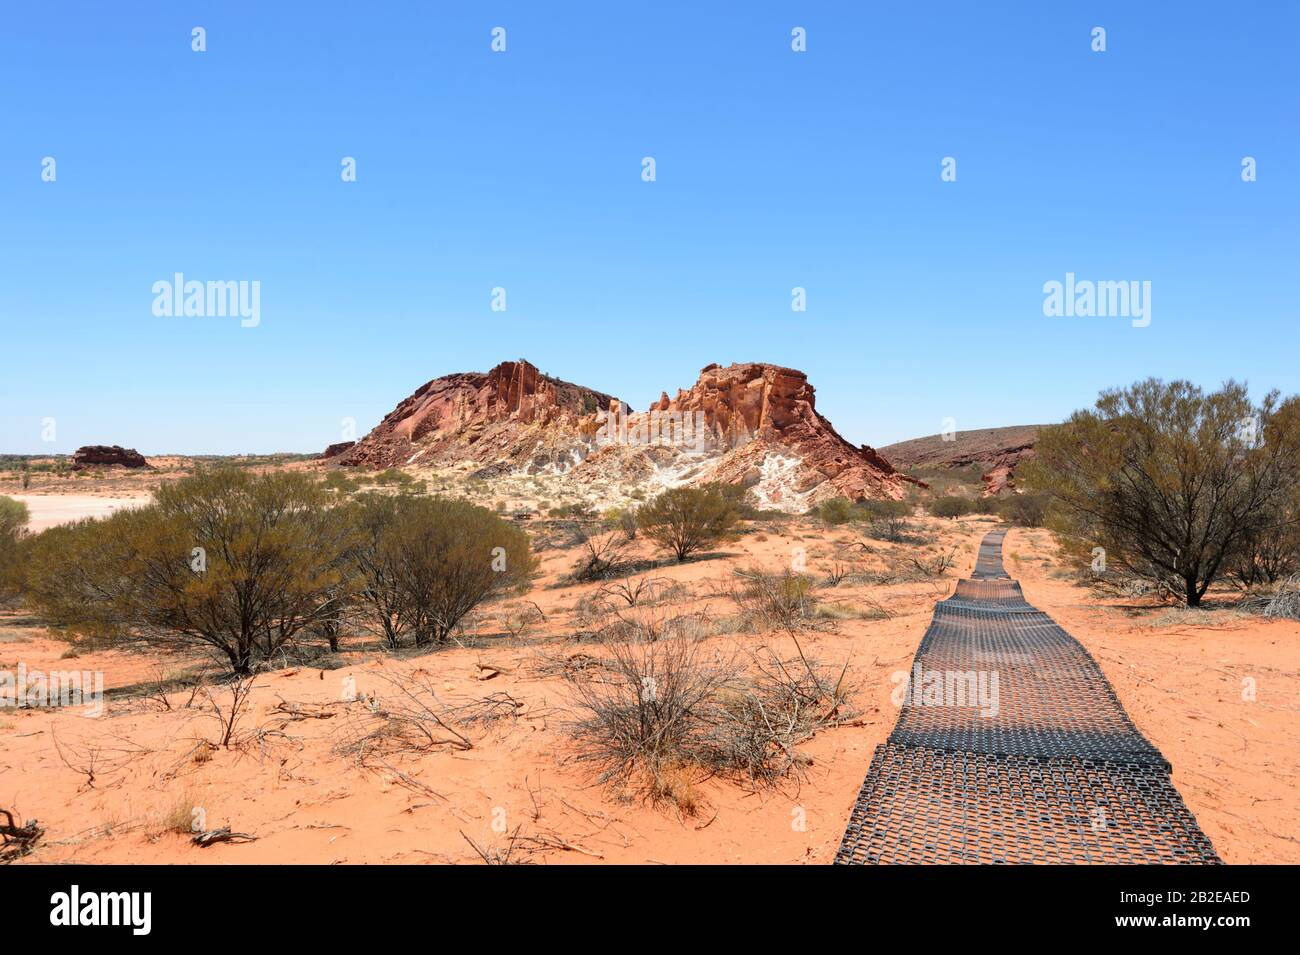 Sentier de randonnée protégé contre l'érosion par un tapis en plastique, réserve de conservation de Rainbow Valley, au sud d'Alice Springs, territoire du Nord, territoire du Nord, Australie Banque D'Images